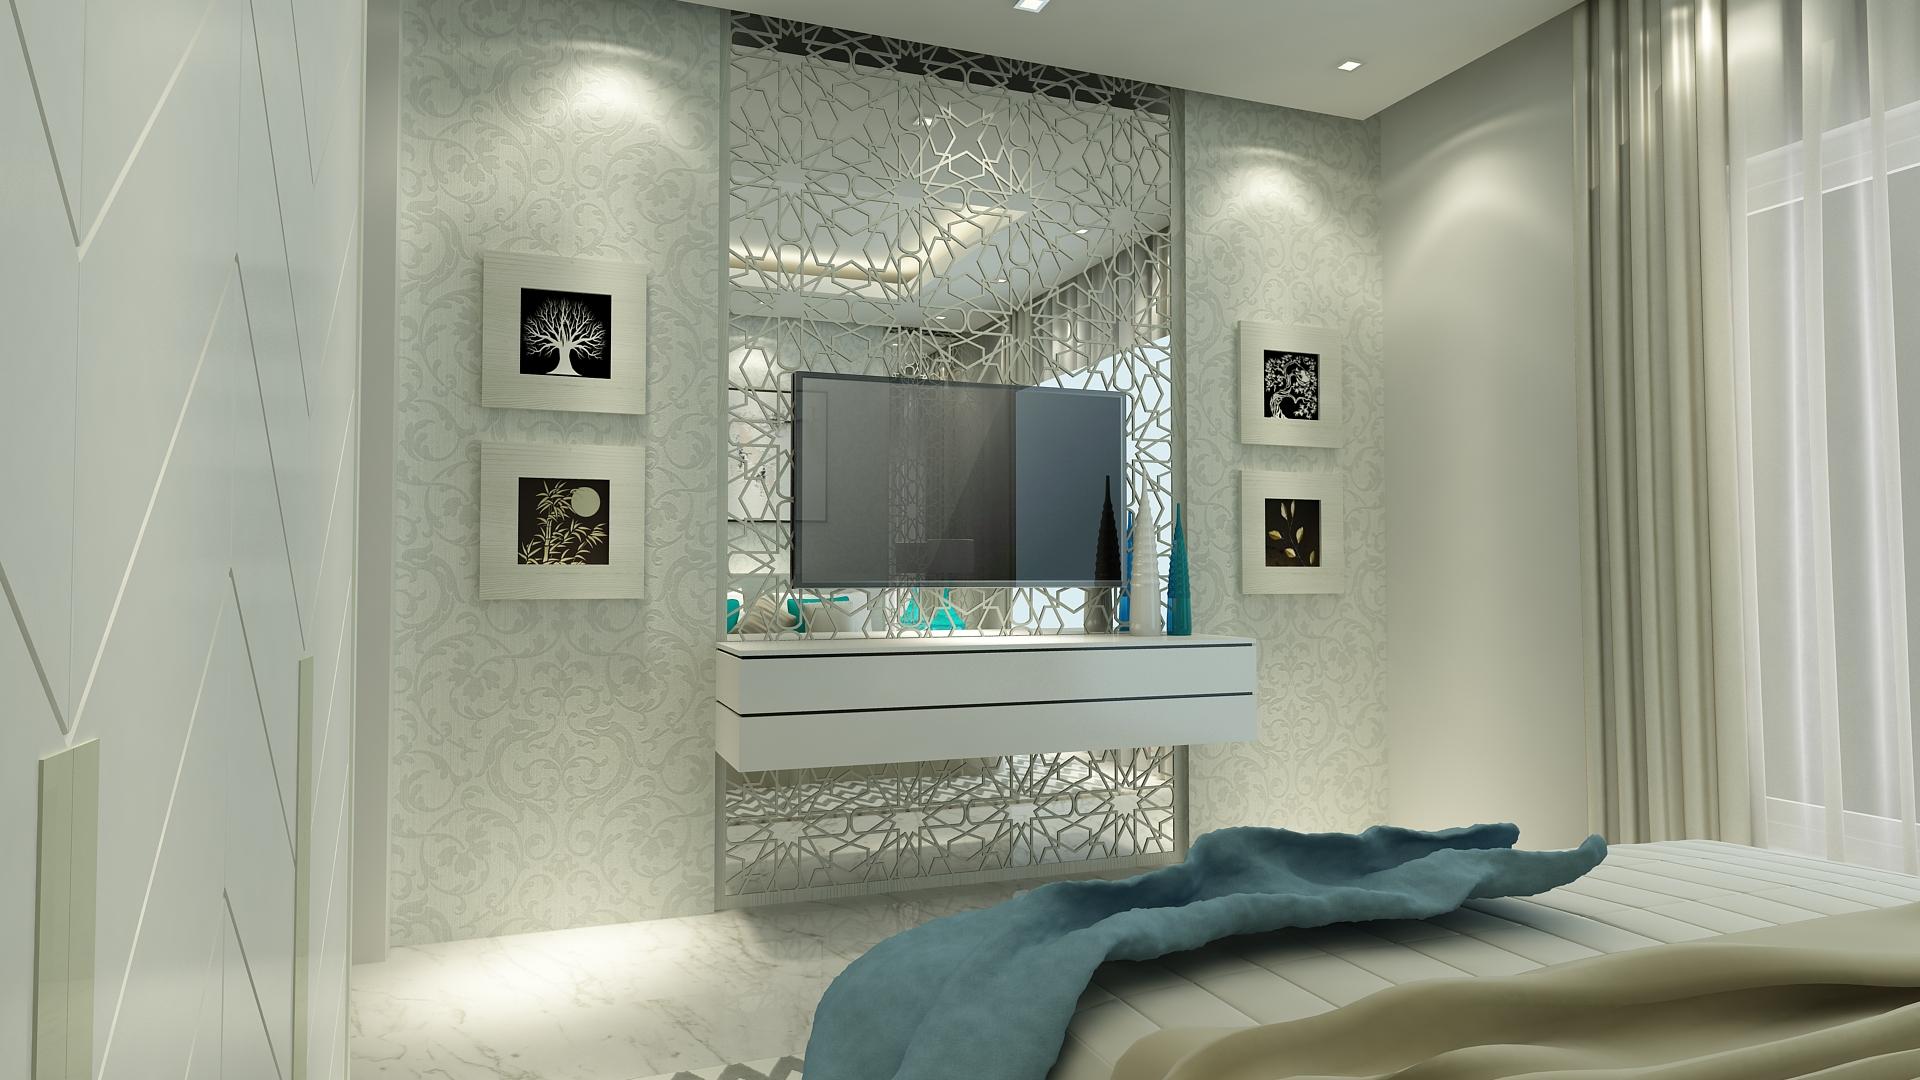 Visualizzazione 3D Interior design camera da letto moderna in grande ...